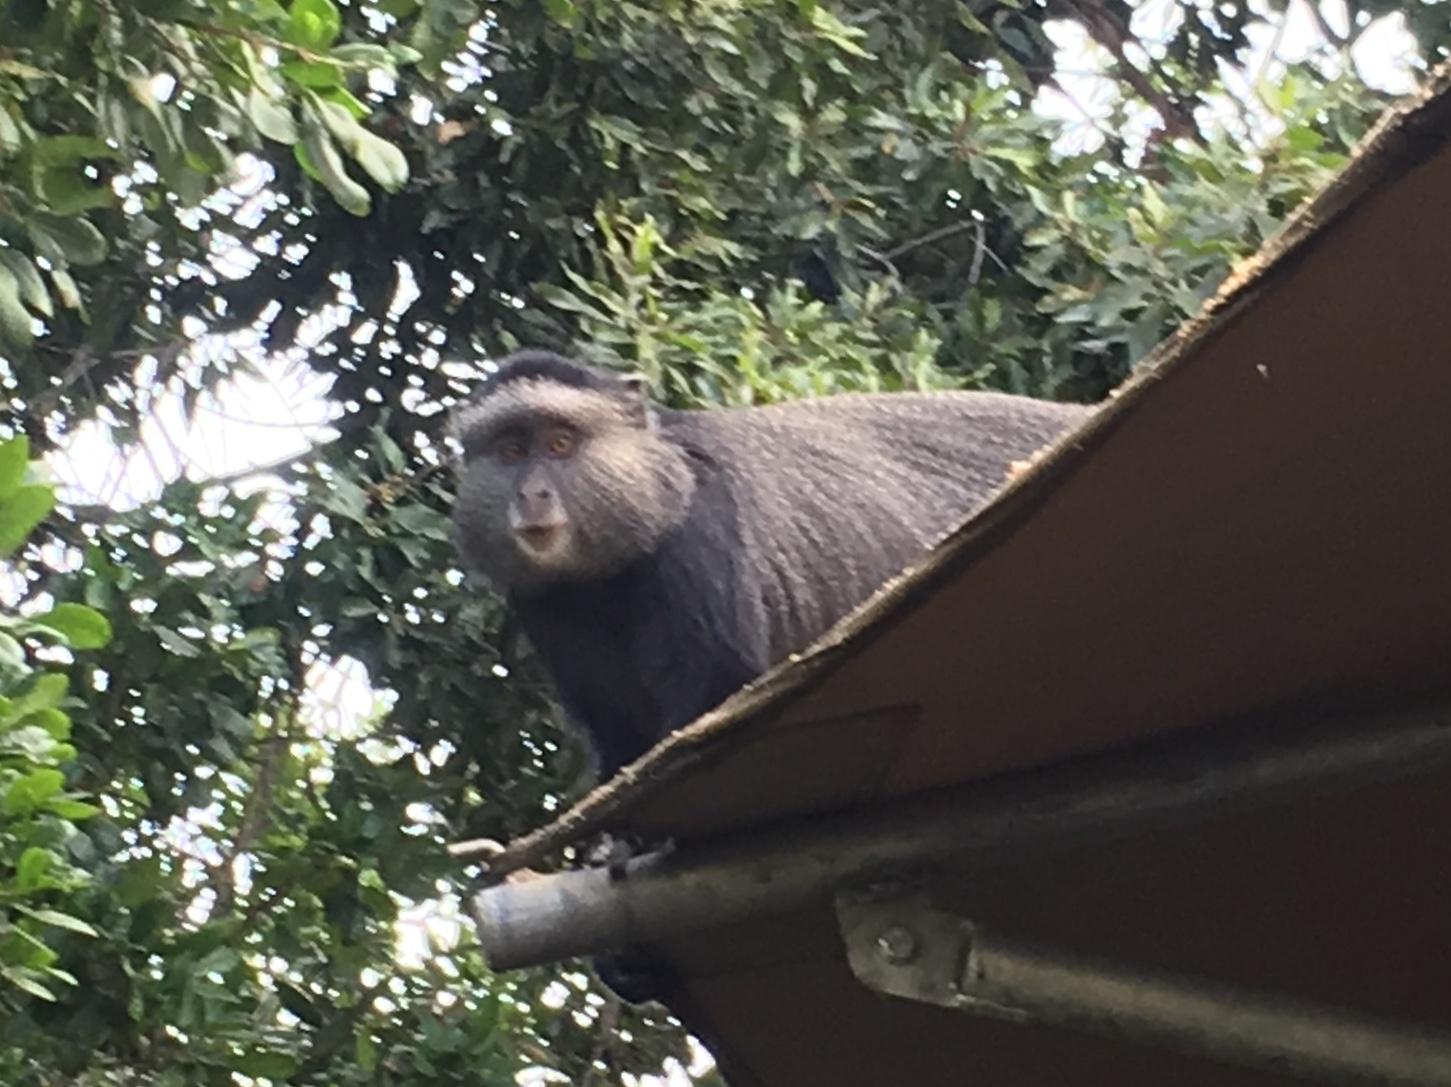 Visit Kenya and Tanzania and see monkeys